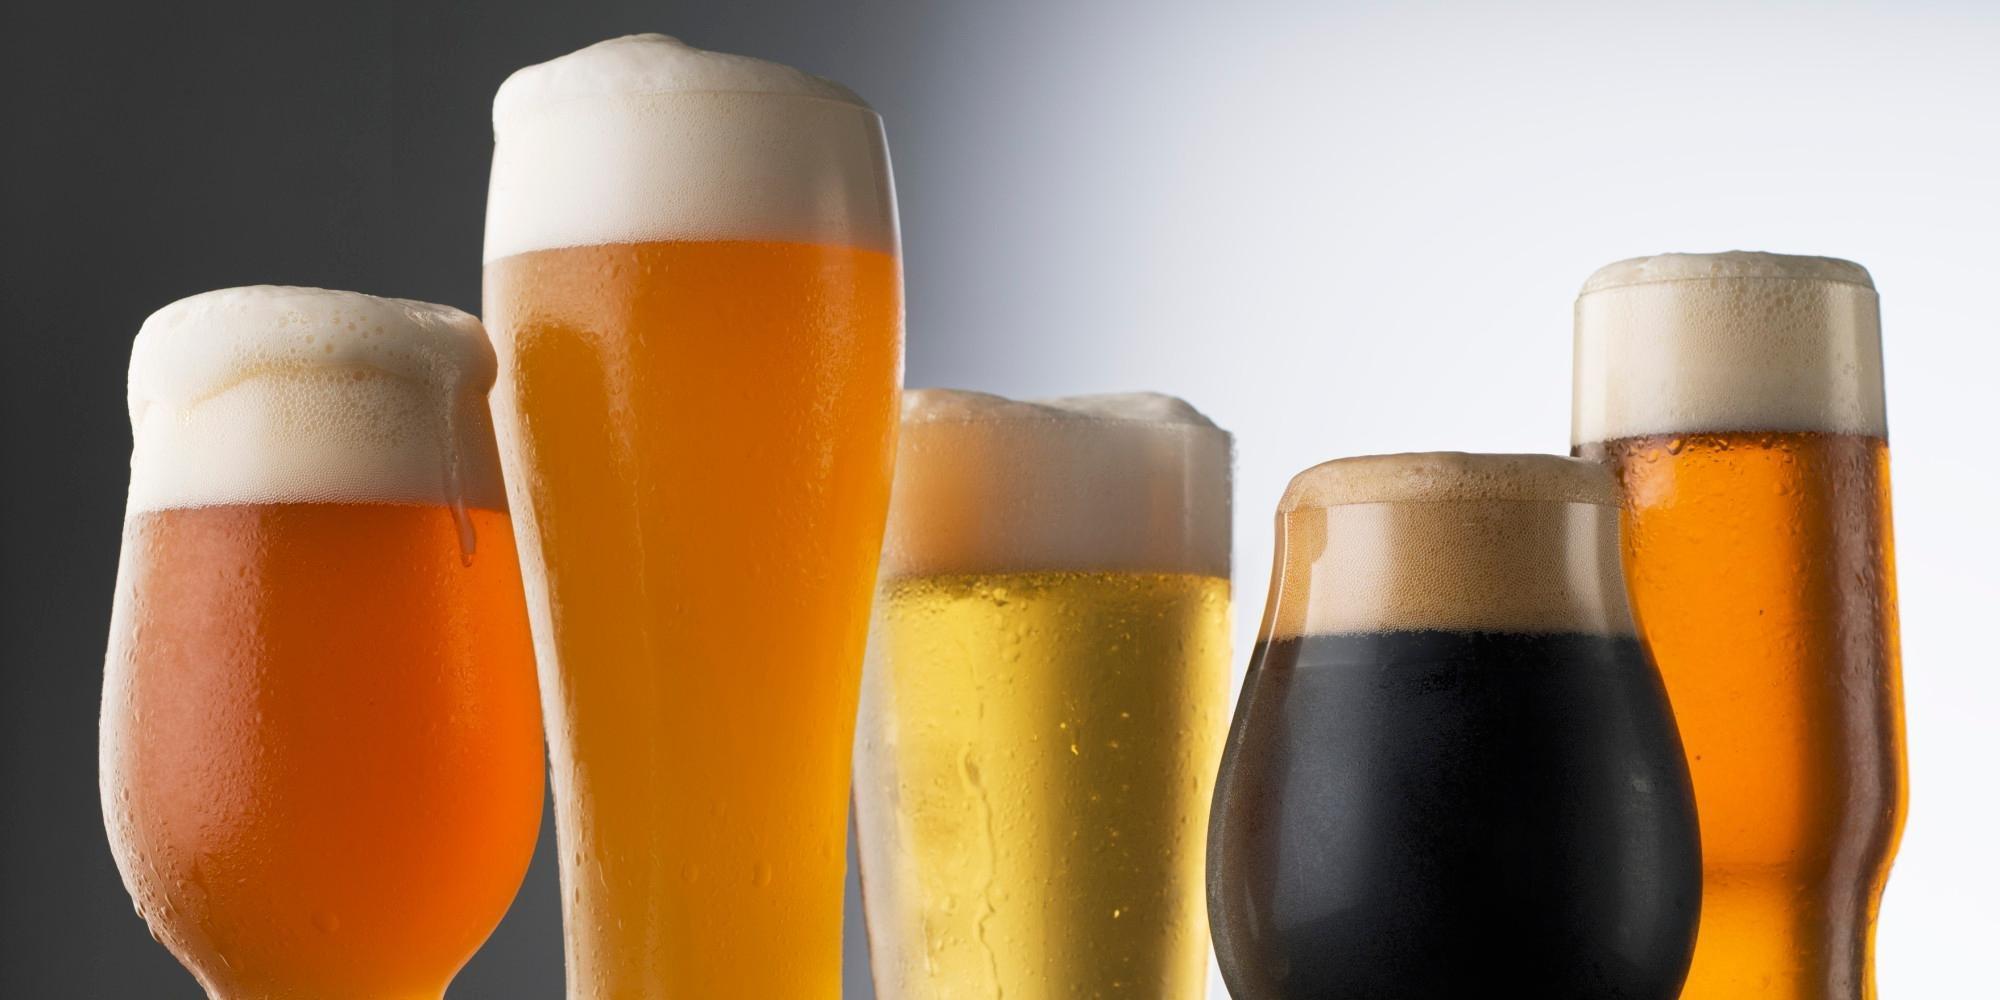 Welches Bier ist für einen Diabetiker am besten geeignet?